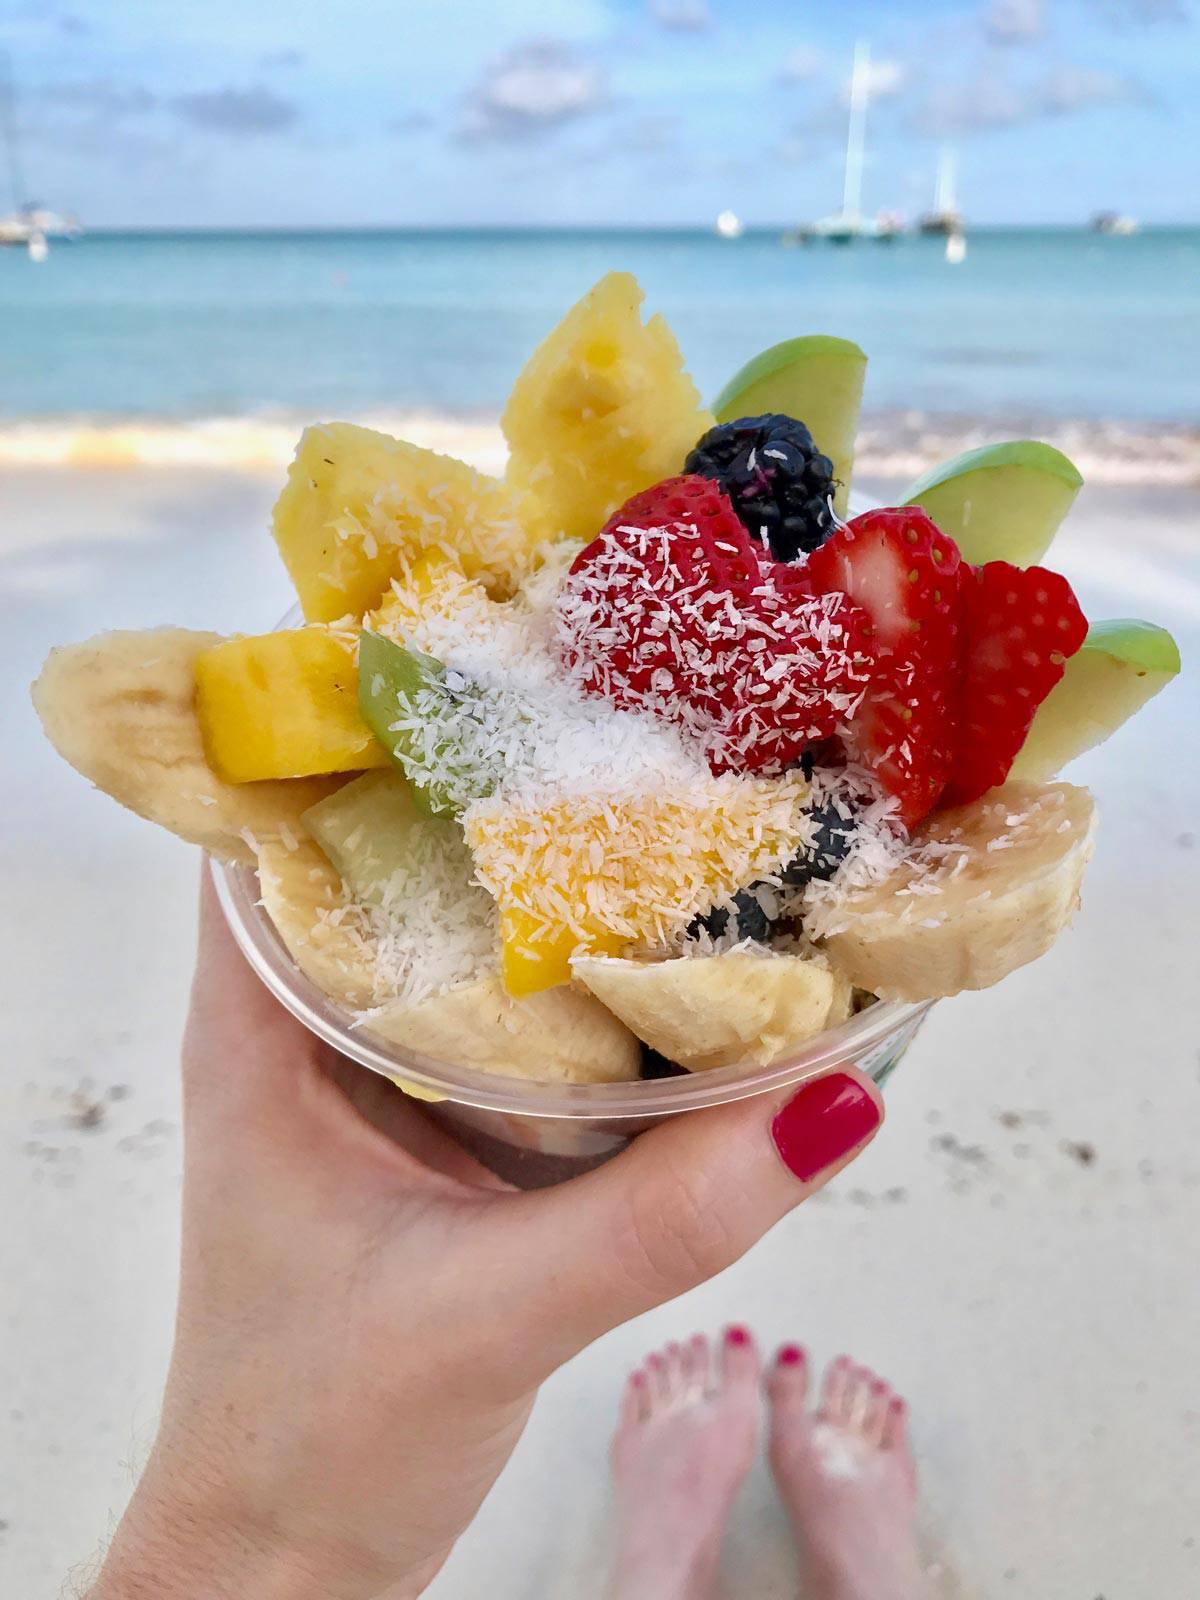 acai bowl from Eduardo's Beach Shack - Aruba - from afarmgirlsdabbles.com